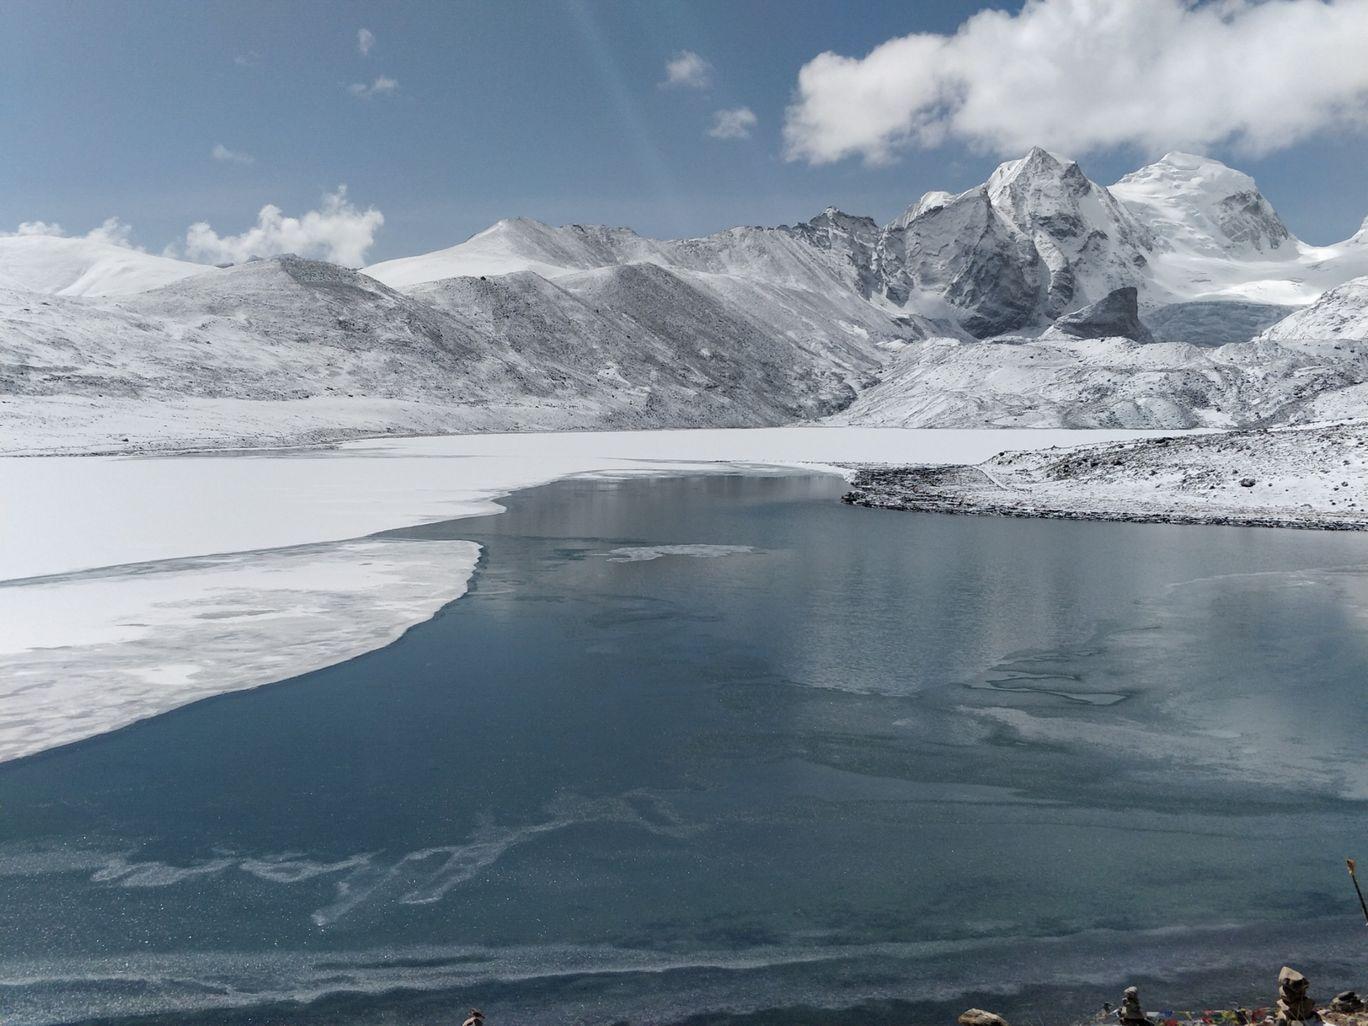 Photo of Gurudongmar Lake By Hari Chandu Vakacharla